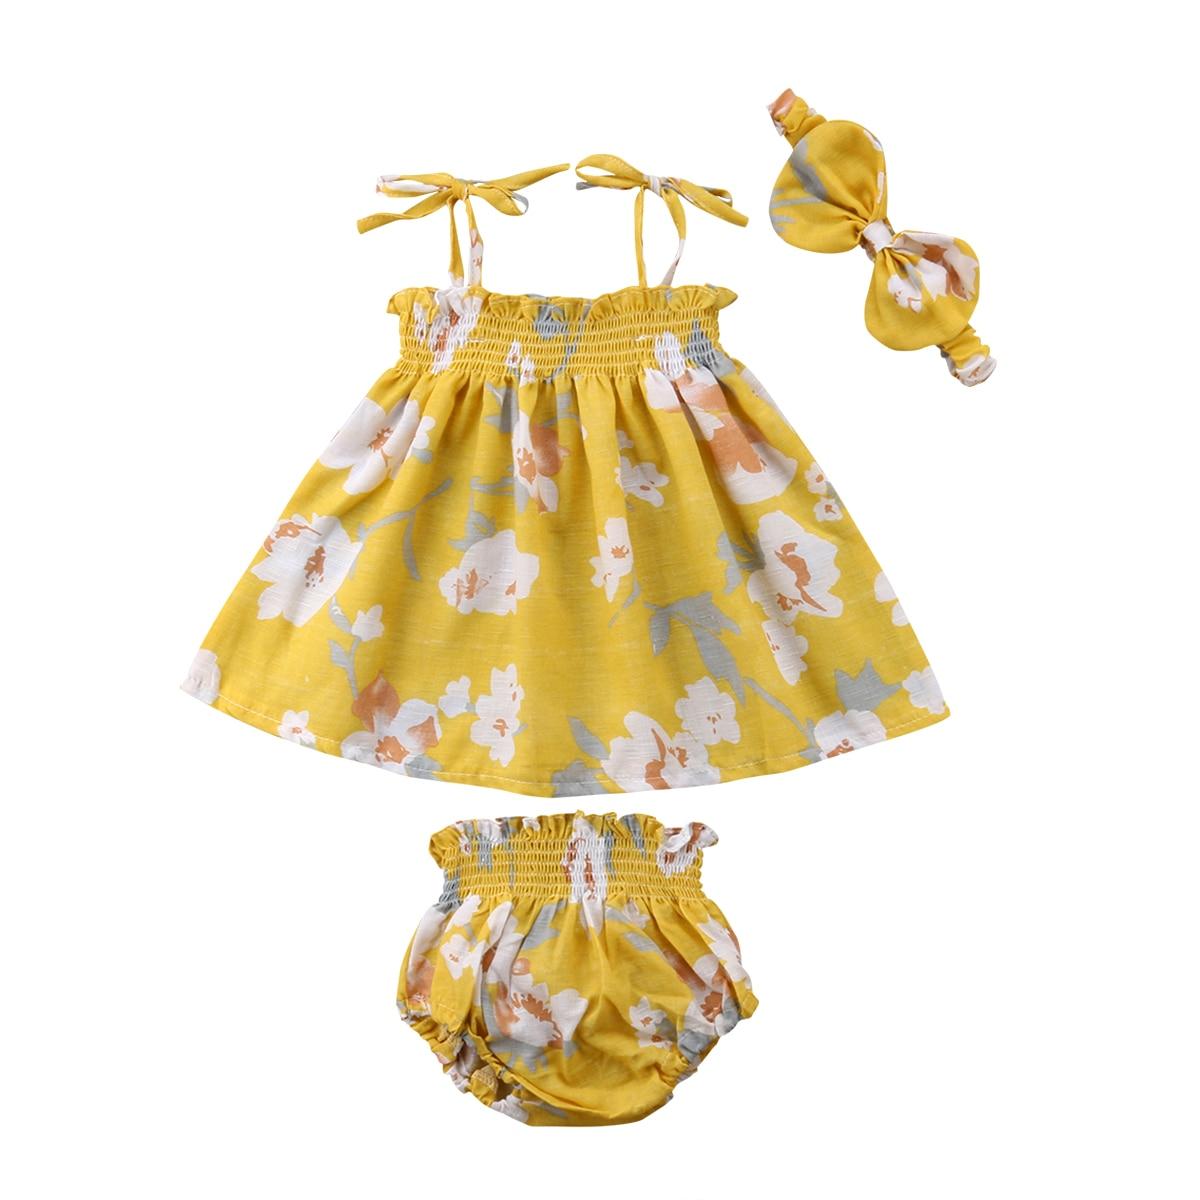 3 Stücke Neugeborenen Baby Mädchen Kleidung Sleeveless Spielanzug Tops Hosen Stirnband Outfit Set Nette Floral Playsuits Einfach Zu Reparieren